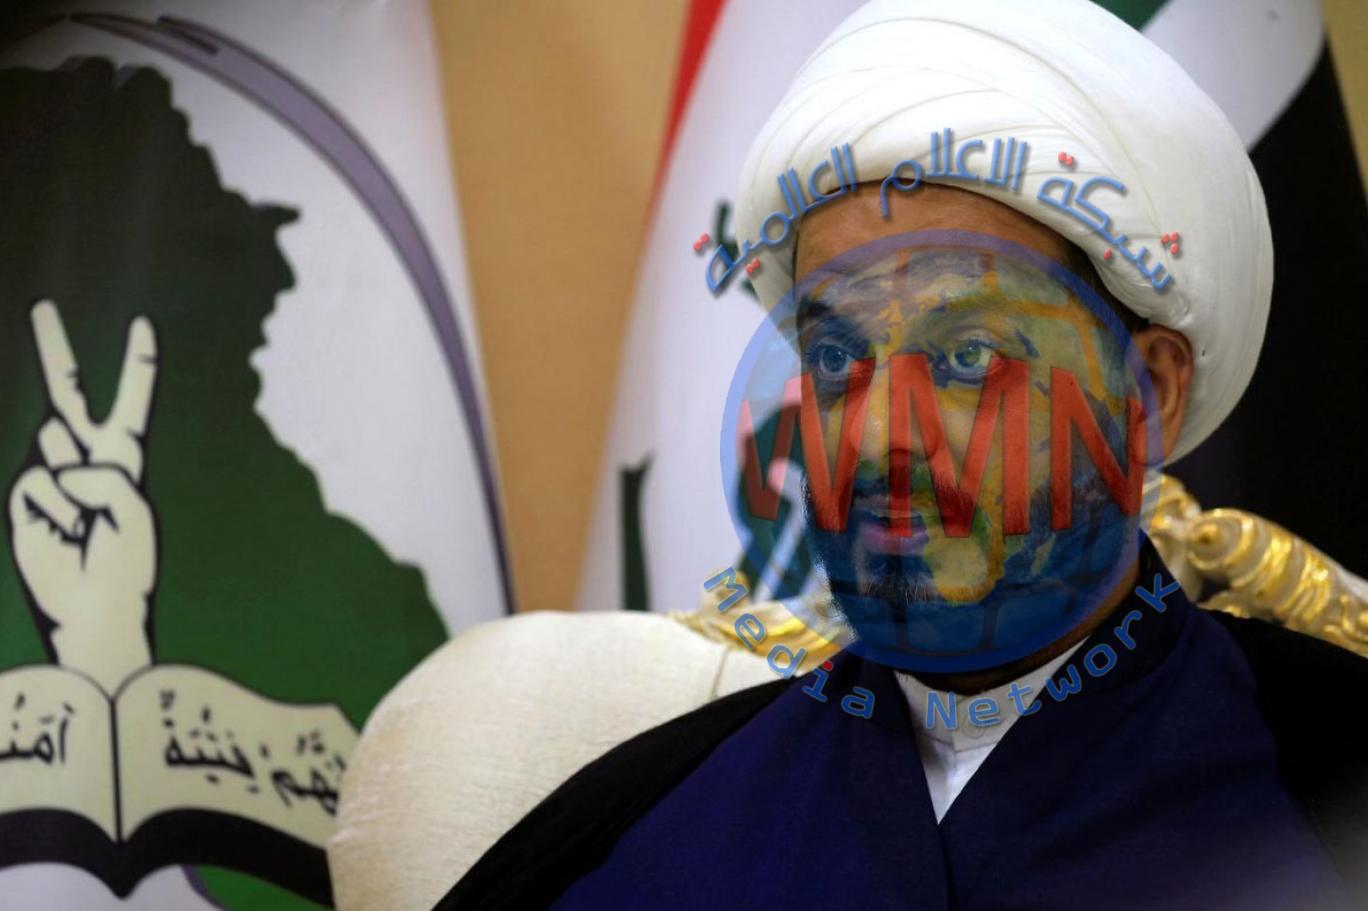 الشيخ الخزعلي: لن يتم استخدام الحشد الشعبي بقضية مقاومة الاحتلال الأميركي عندما يكون القرار موجوداً